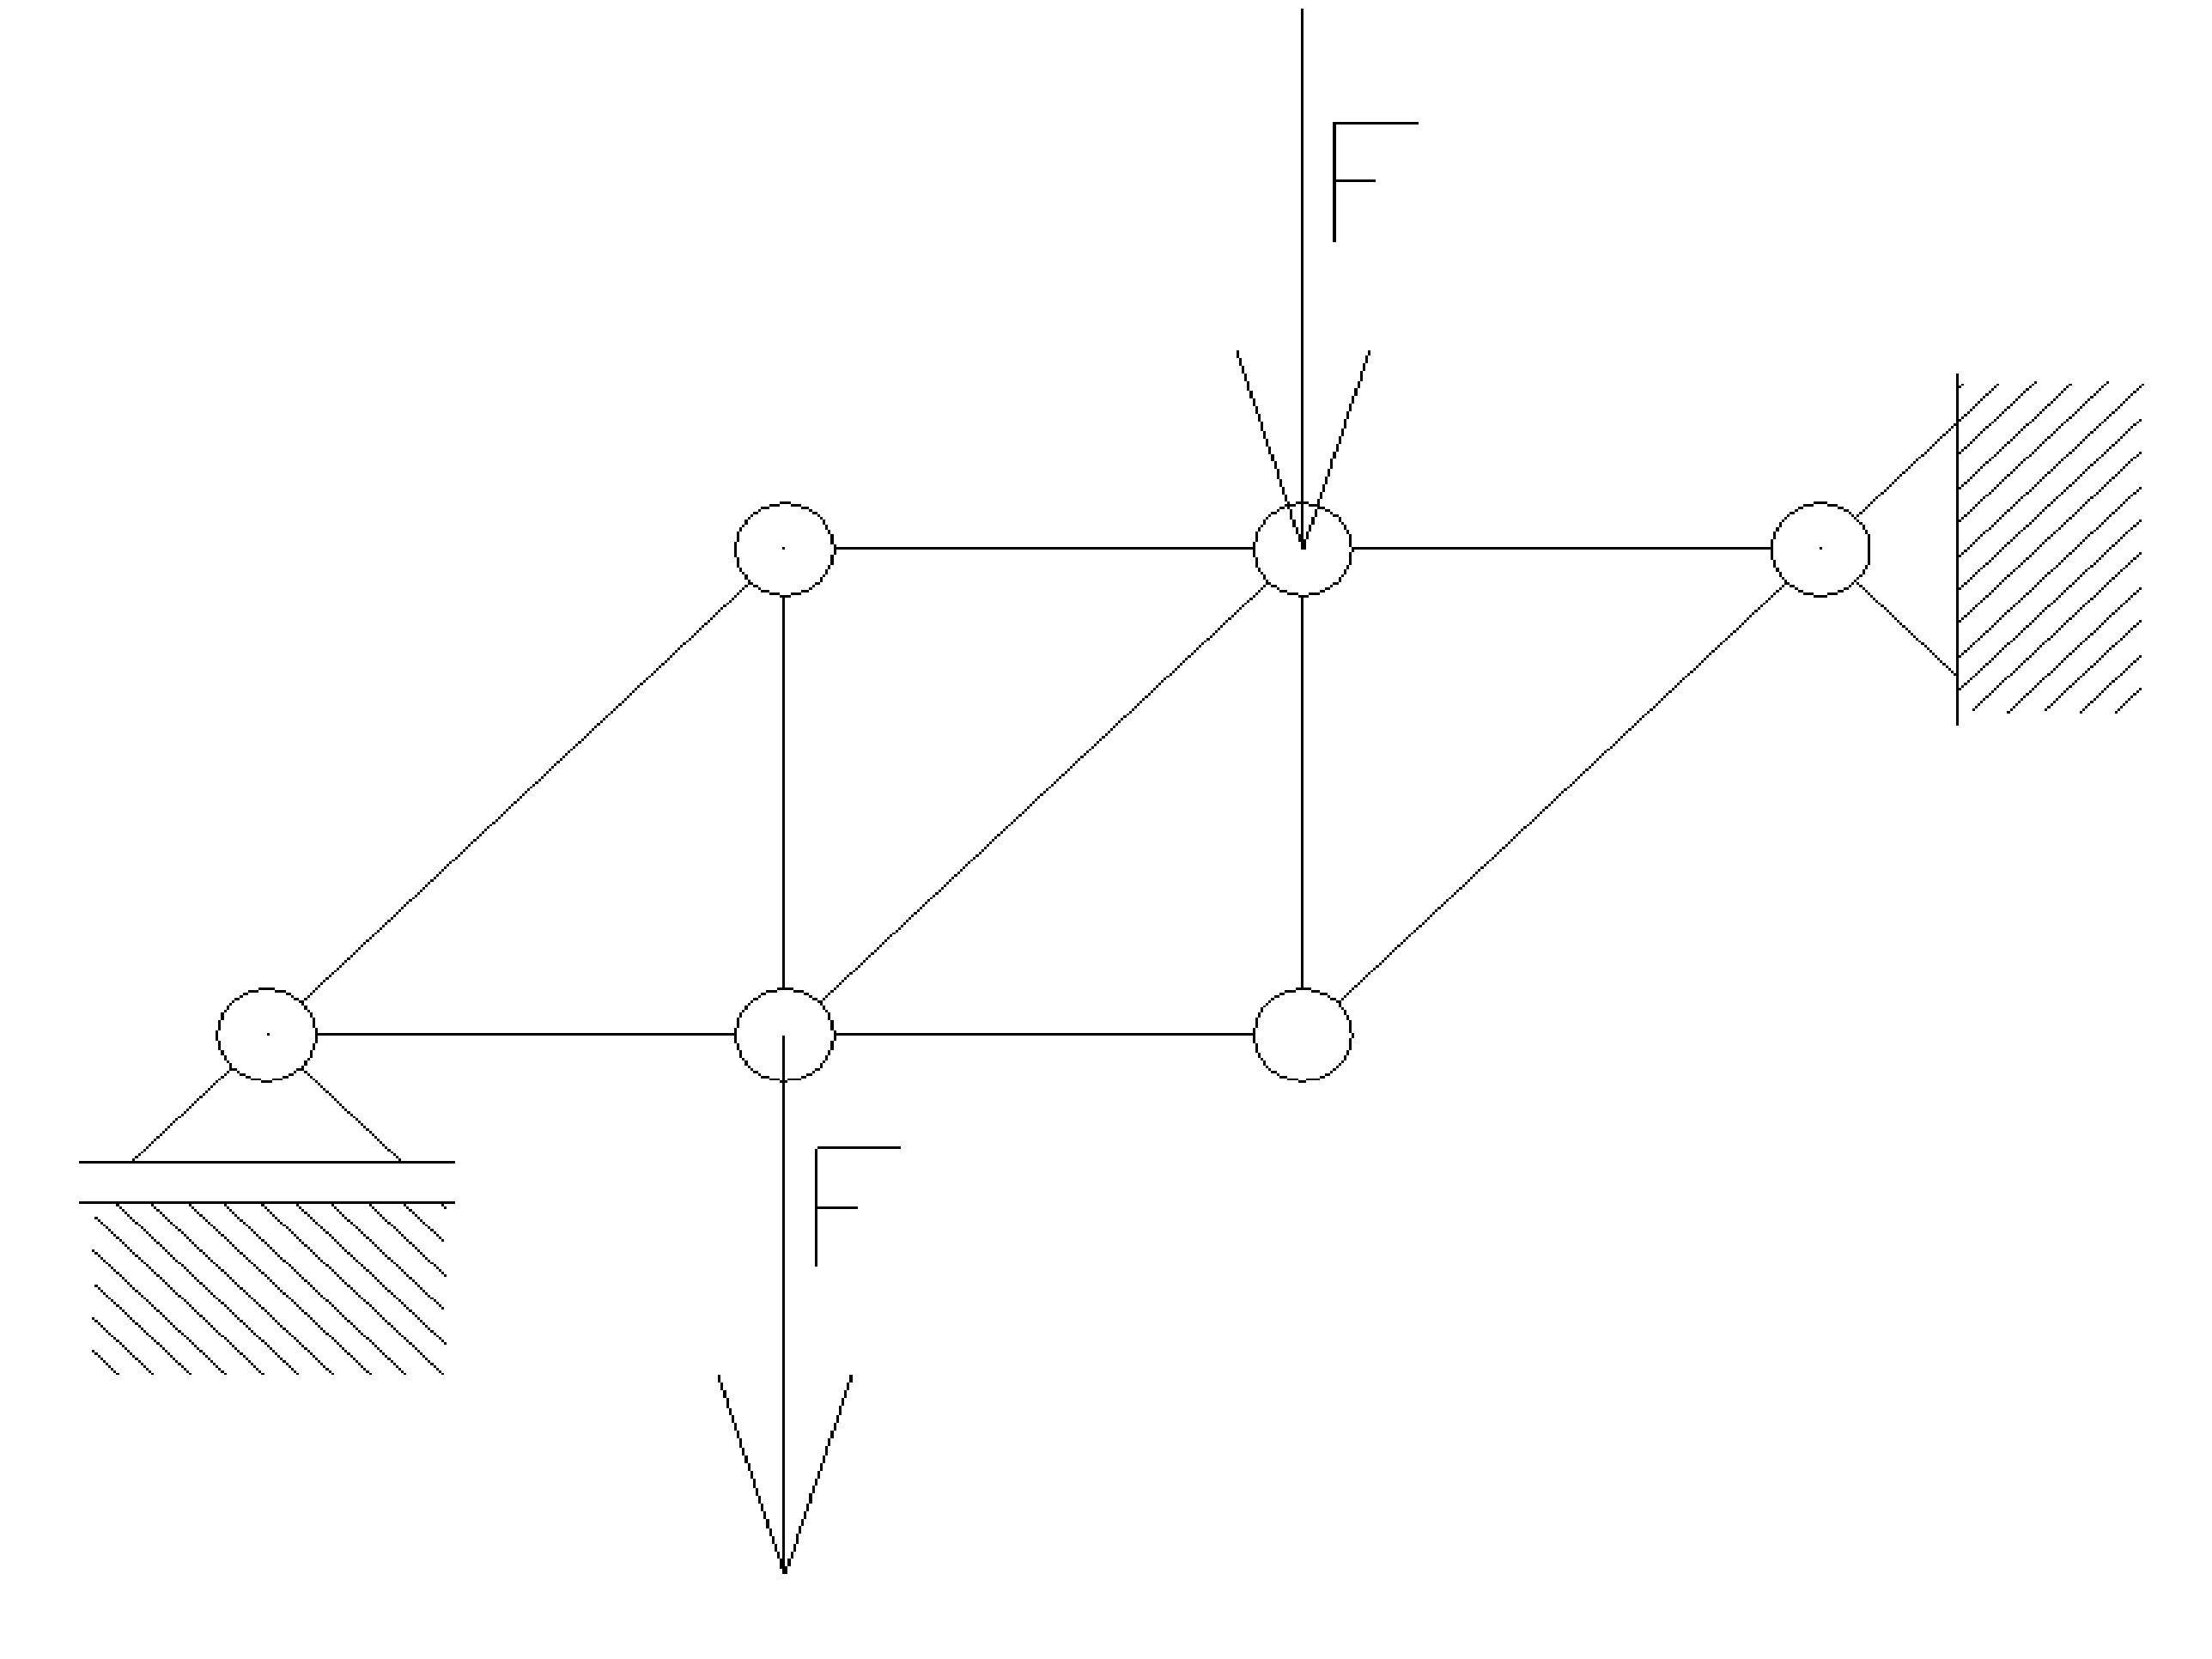 statyka14 - Kratownica płaska - metoda równoważenia węzłów - zadanie 22